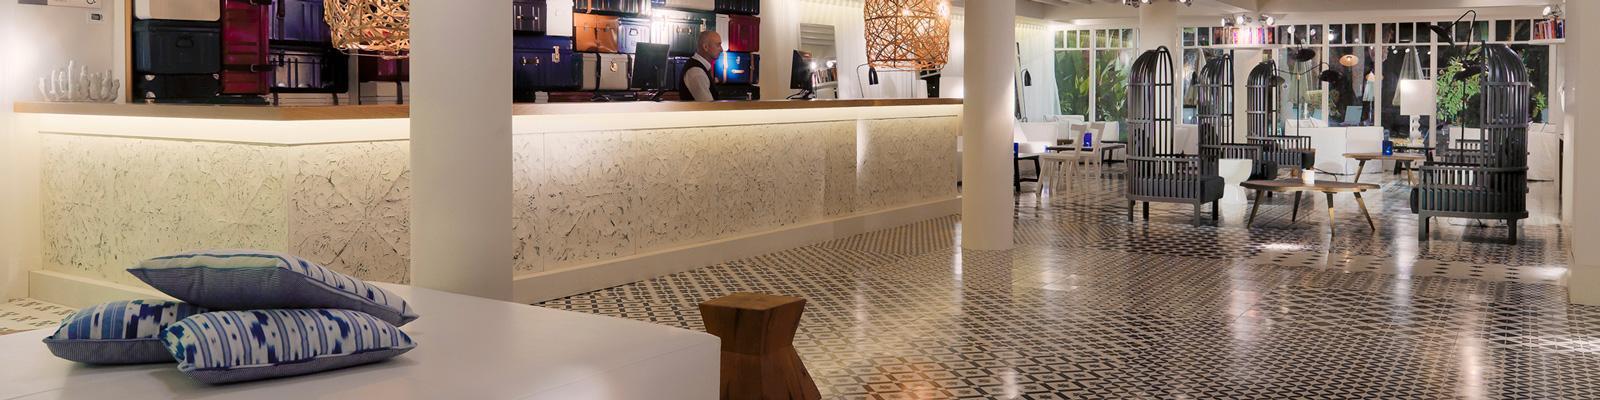 H10 Big Sur Boutique Hotel - Los Cristianos Tenerife